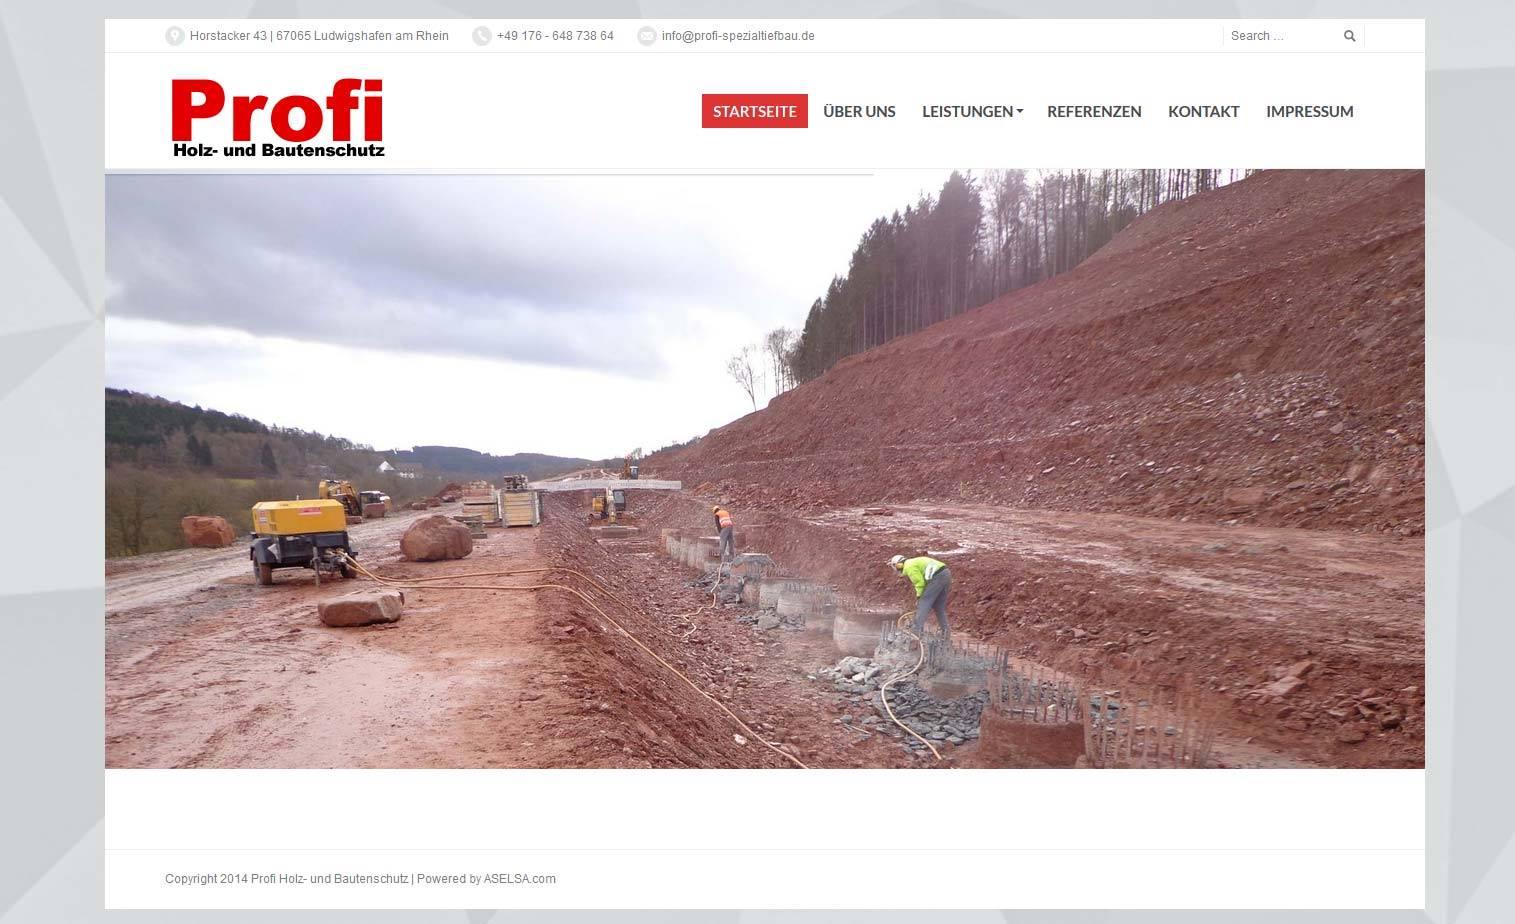 Profi Holz- und Bautenschutz